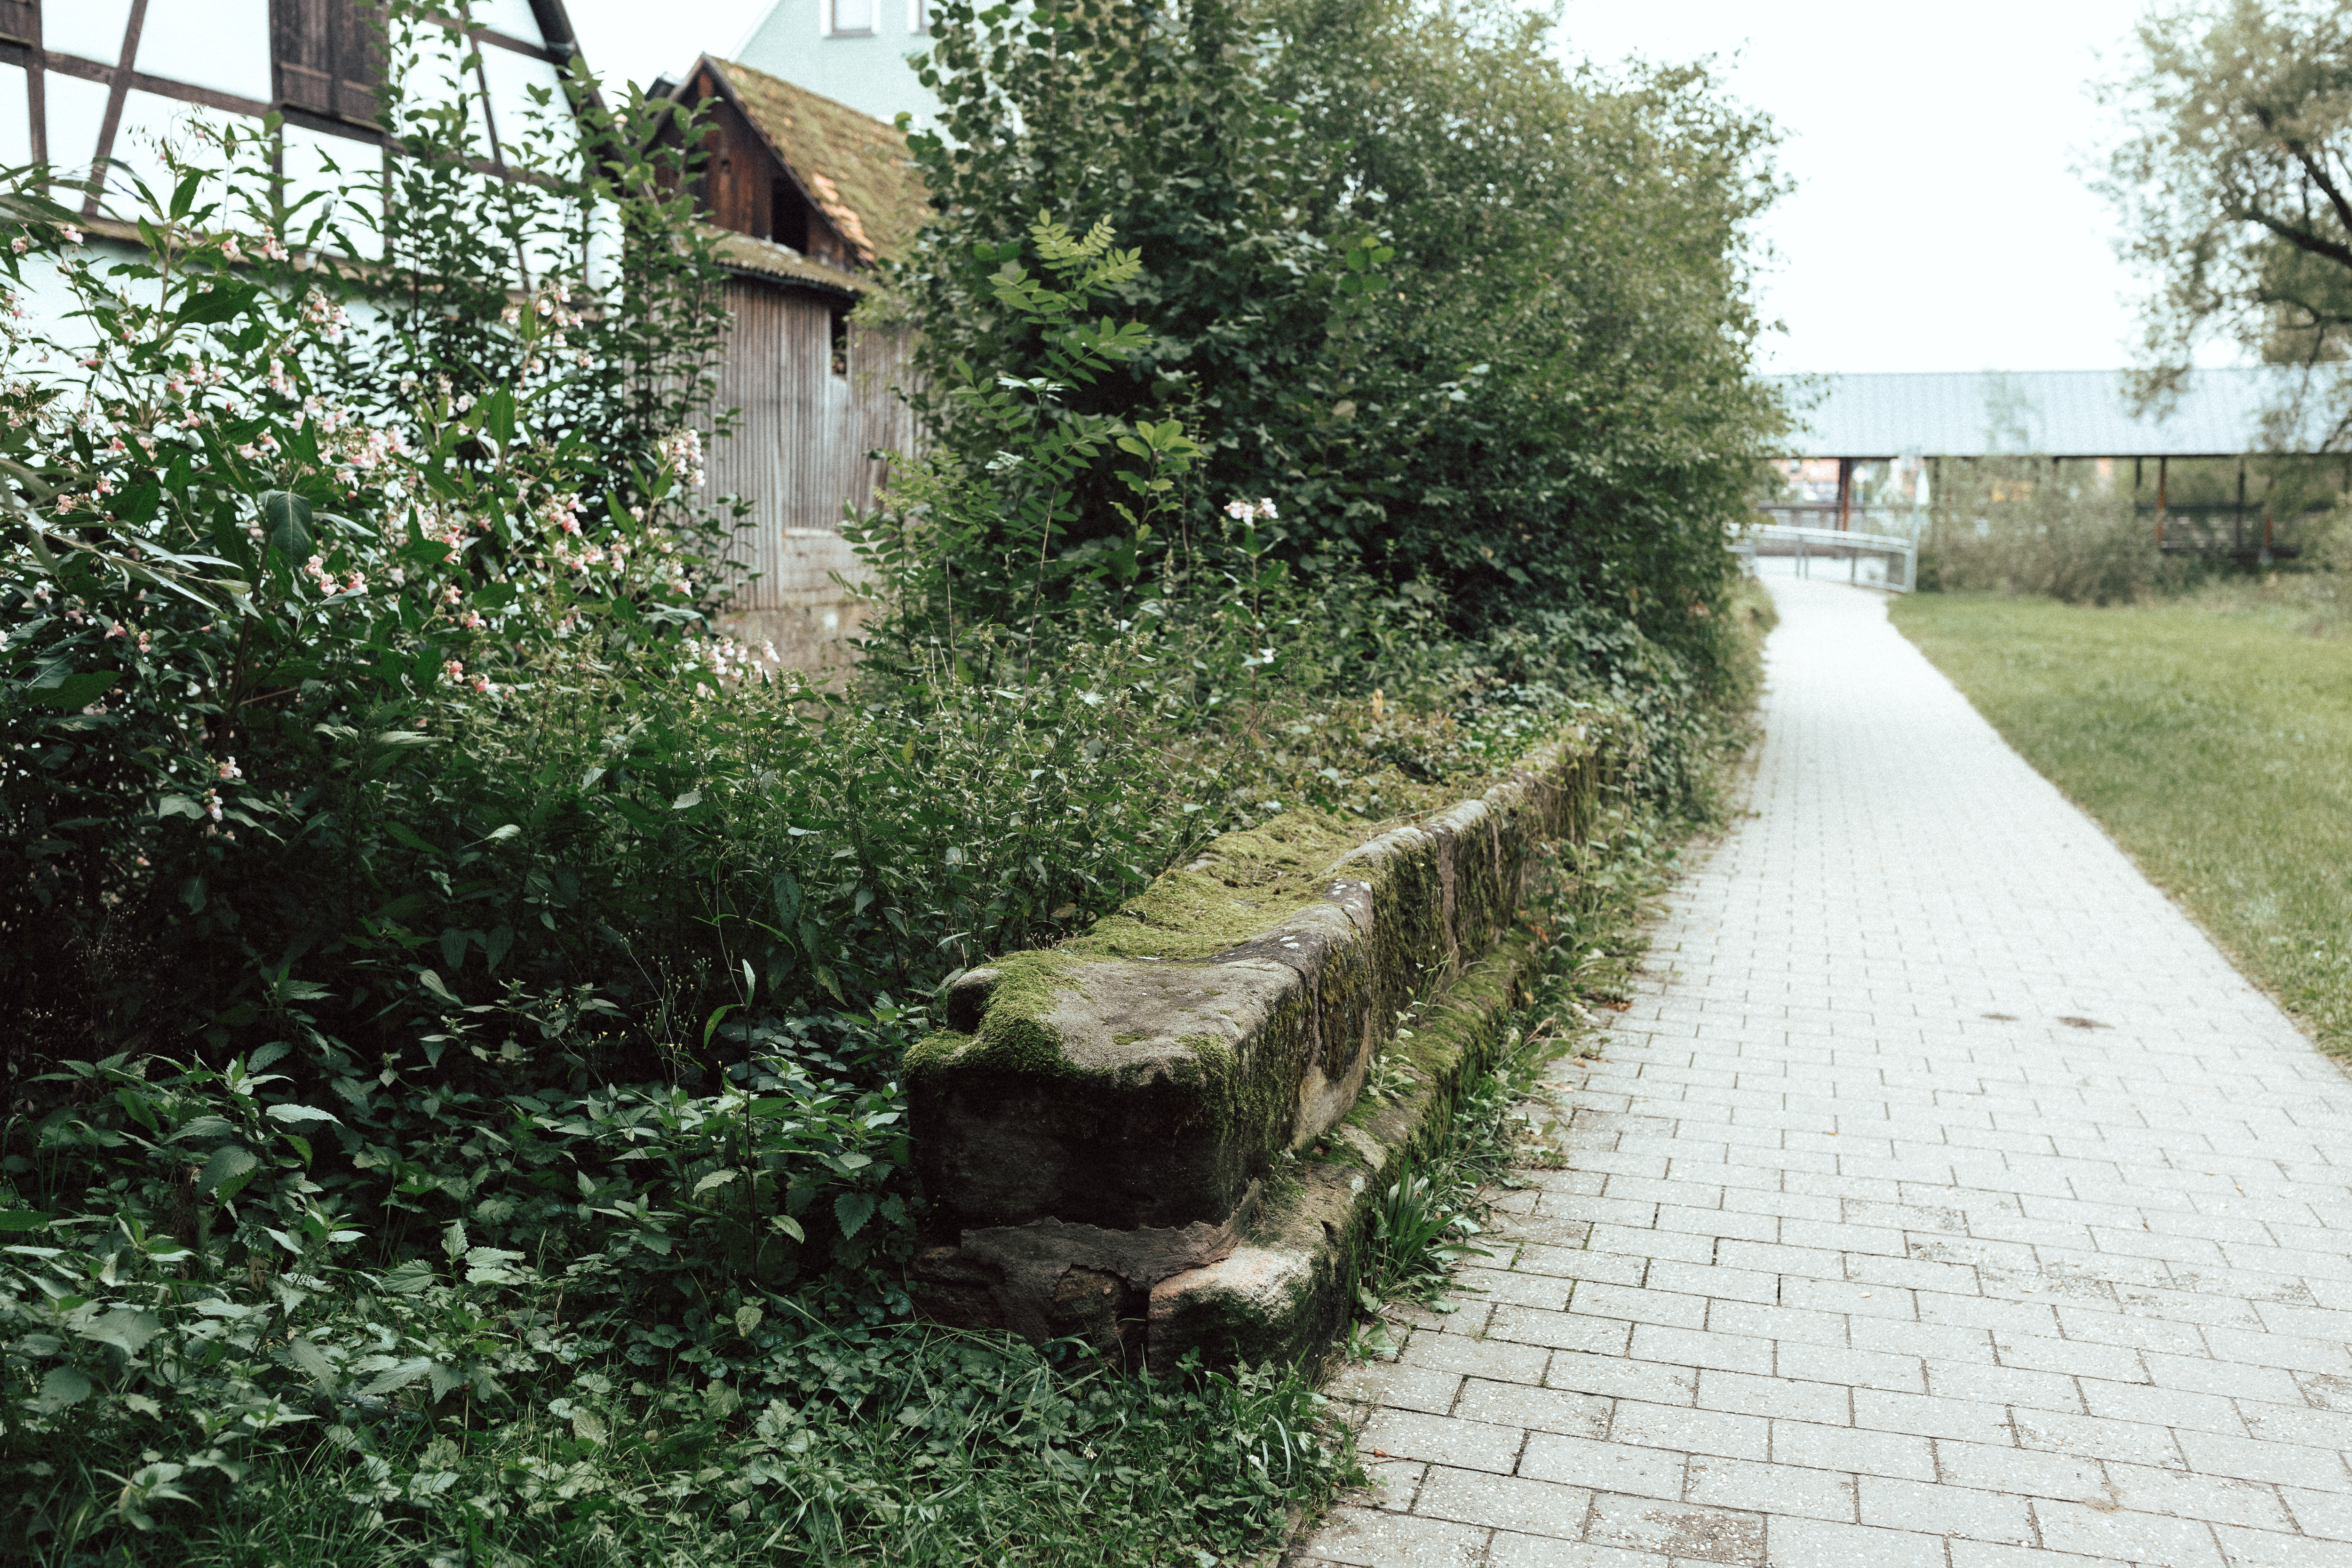 URBANERIE_Daniela_Goth_Fotografin_Nürnberg_Fürth_Erlangen_Schwabach_170902_004_0044